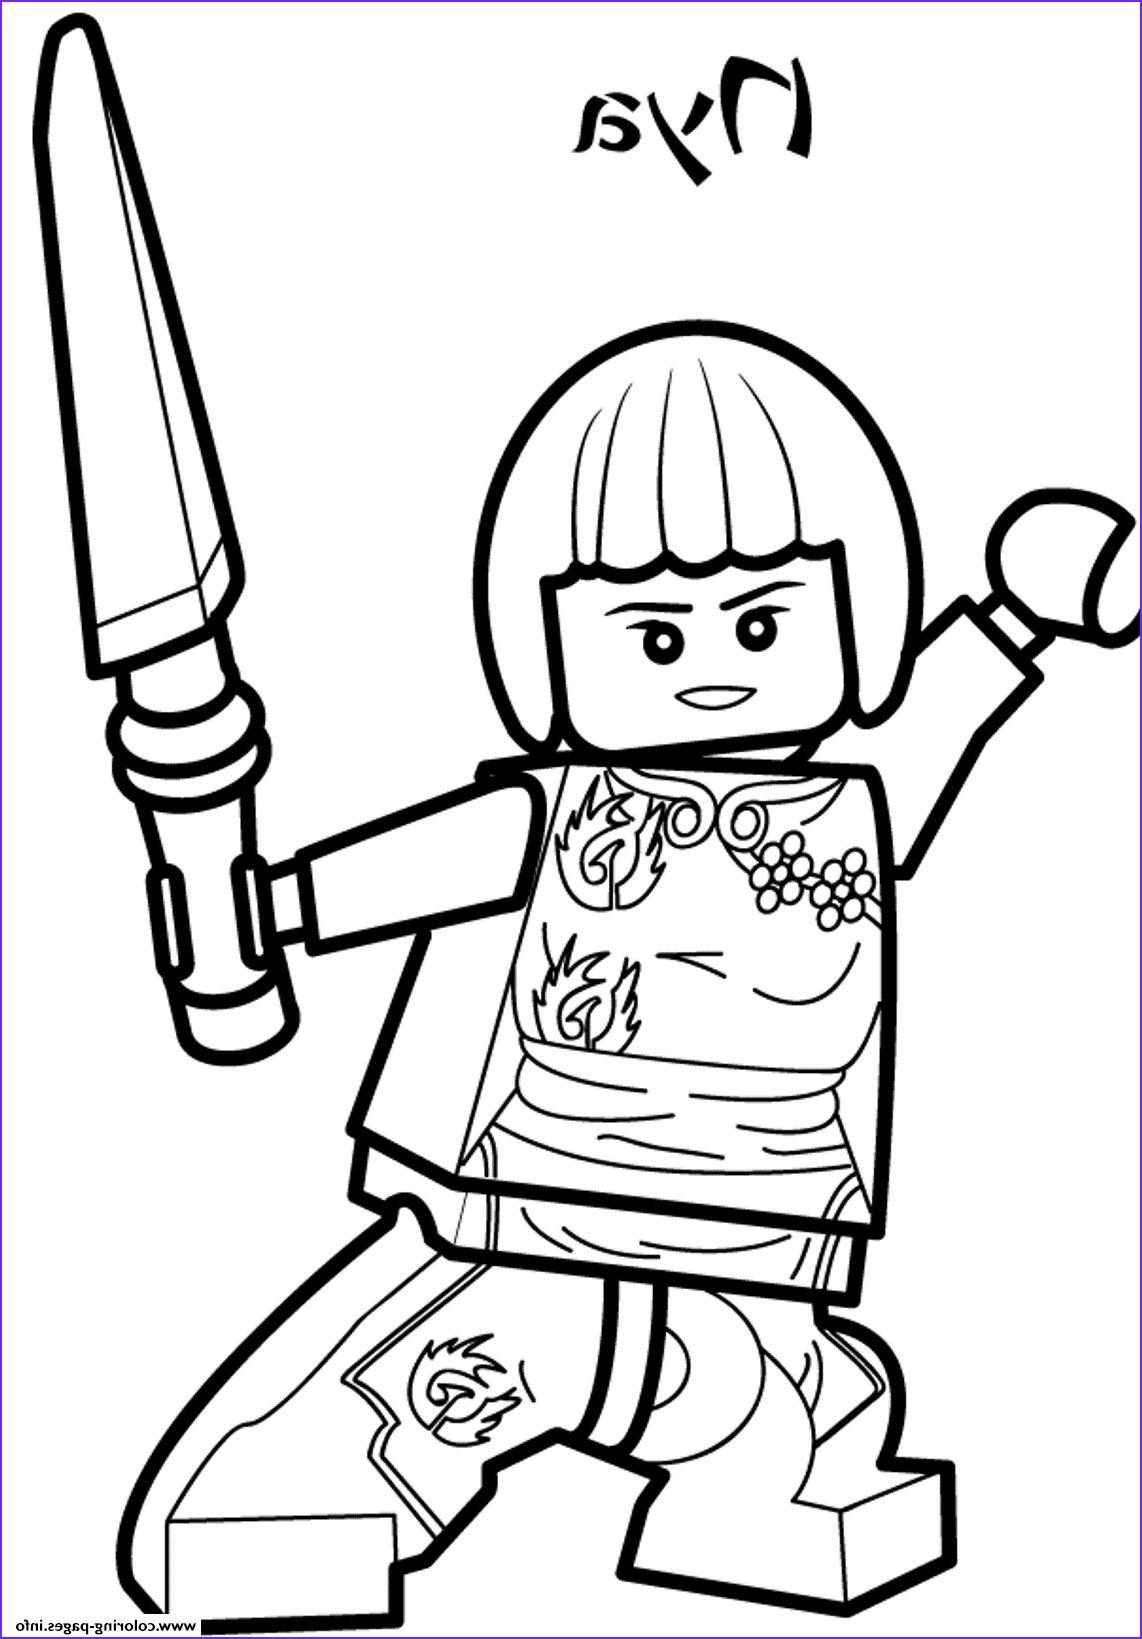 Print nya ninjago sd7d7 coloring pages Models  Lego coloring